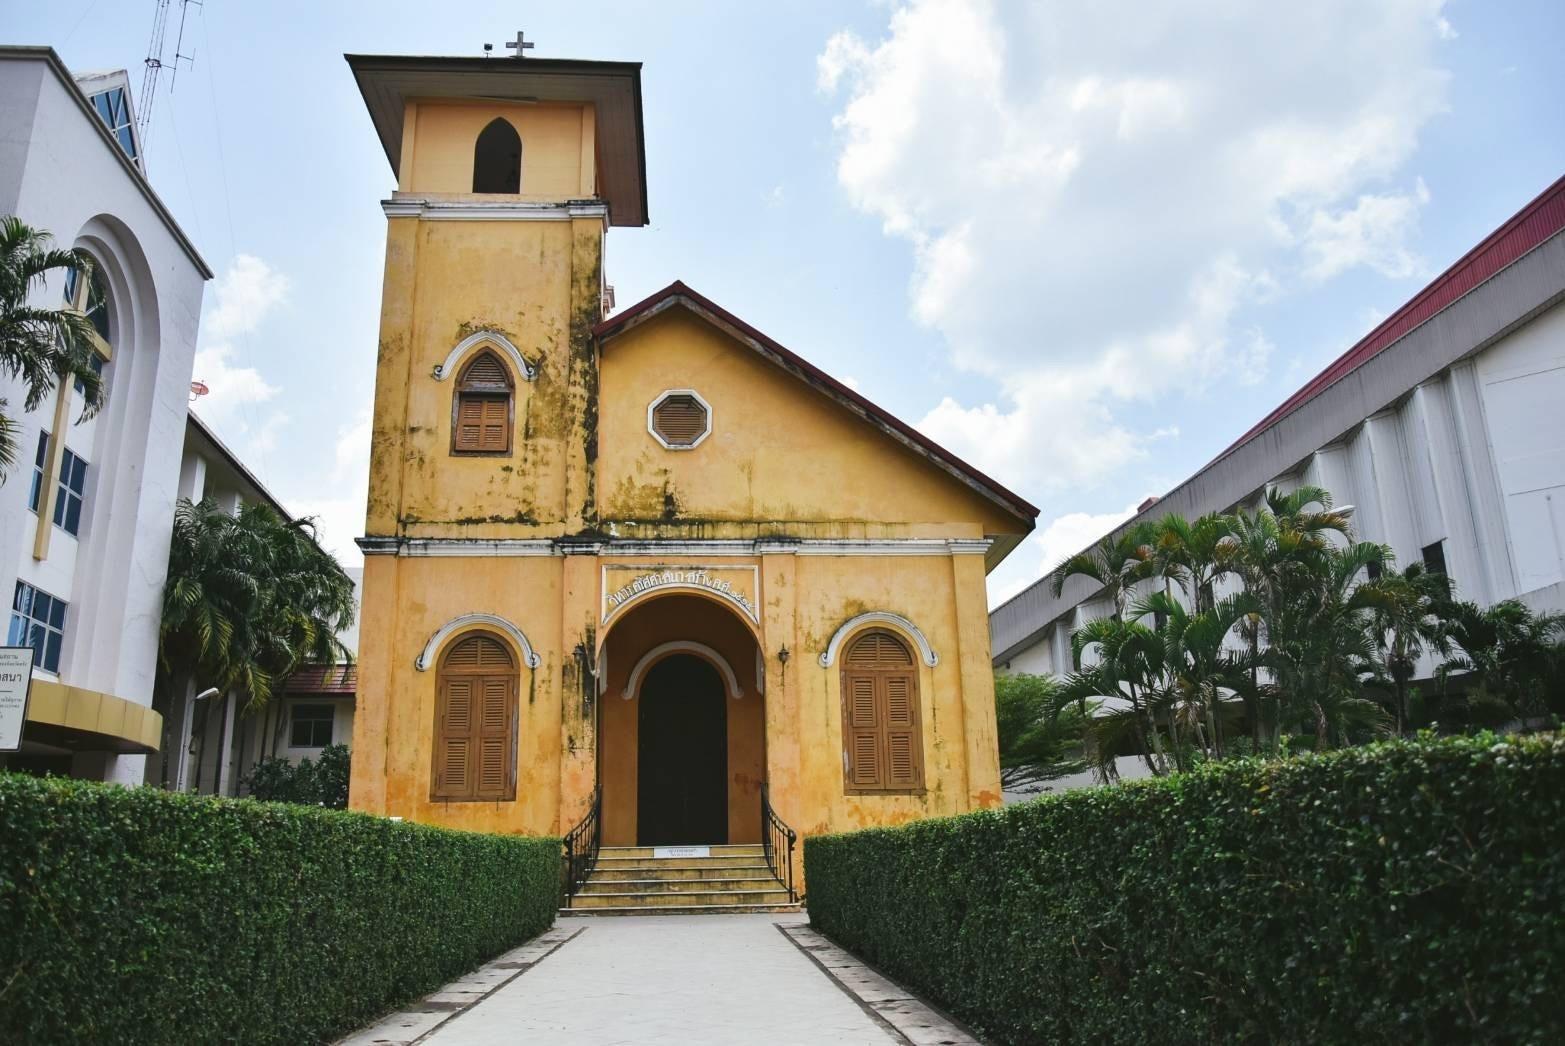 จุดปักหมุดเช็นอิน โบสถ์คริสตจักร ตรังมีสถาปัตยกรรมทีีสวยๆให้ชมเพียบ